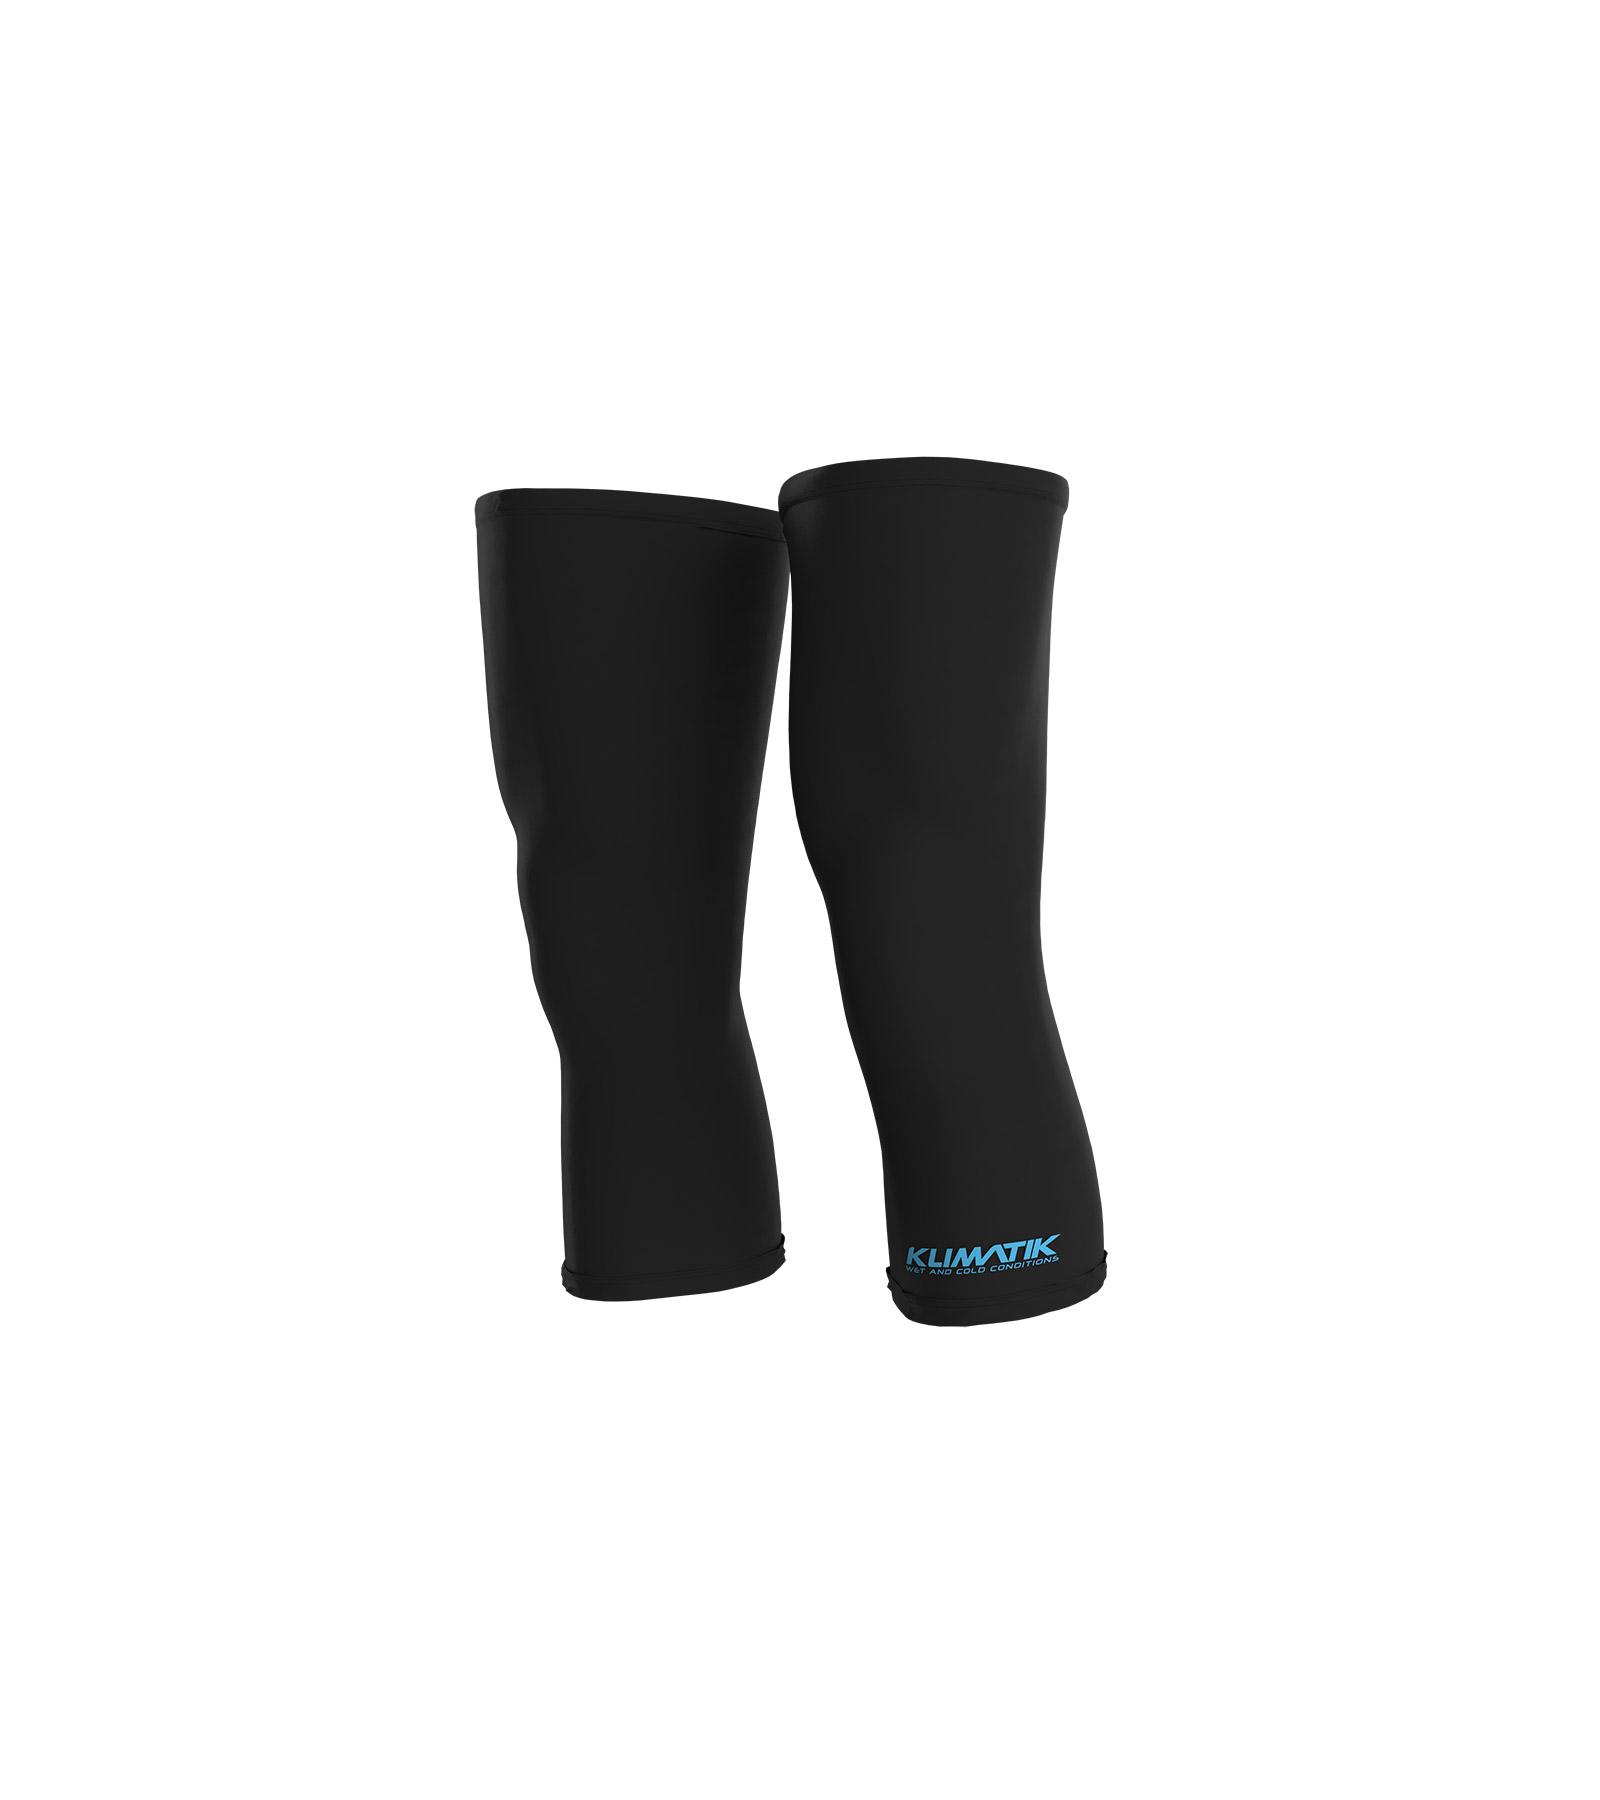 ALÉ - Voděodolné cyklistické návleky na kolena KLIMATIK WINTER K-ATMO d70eff27a0